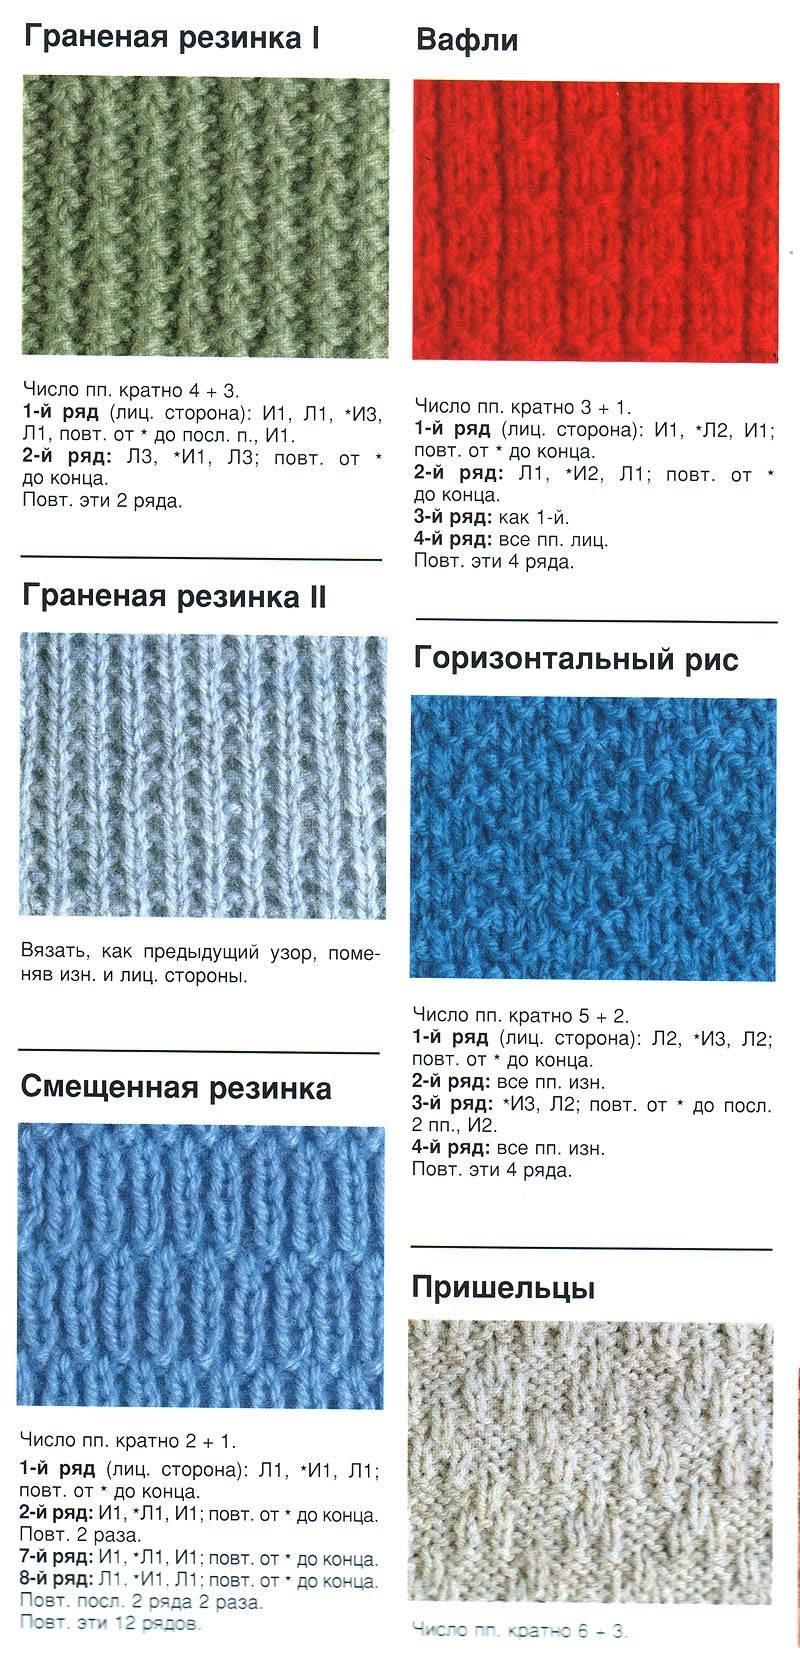 Разновидности вязания резинок на спицах